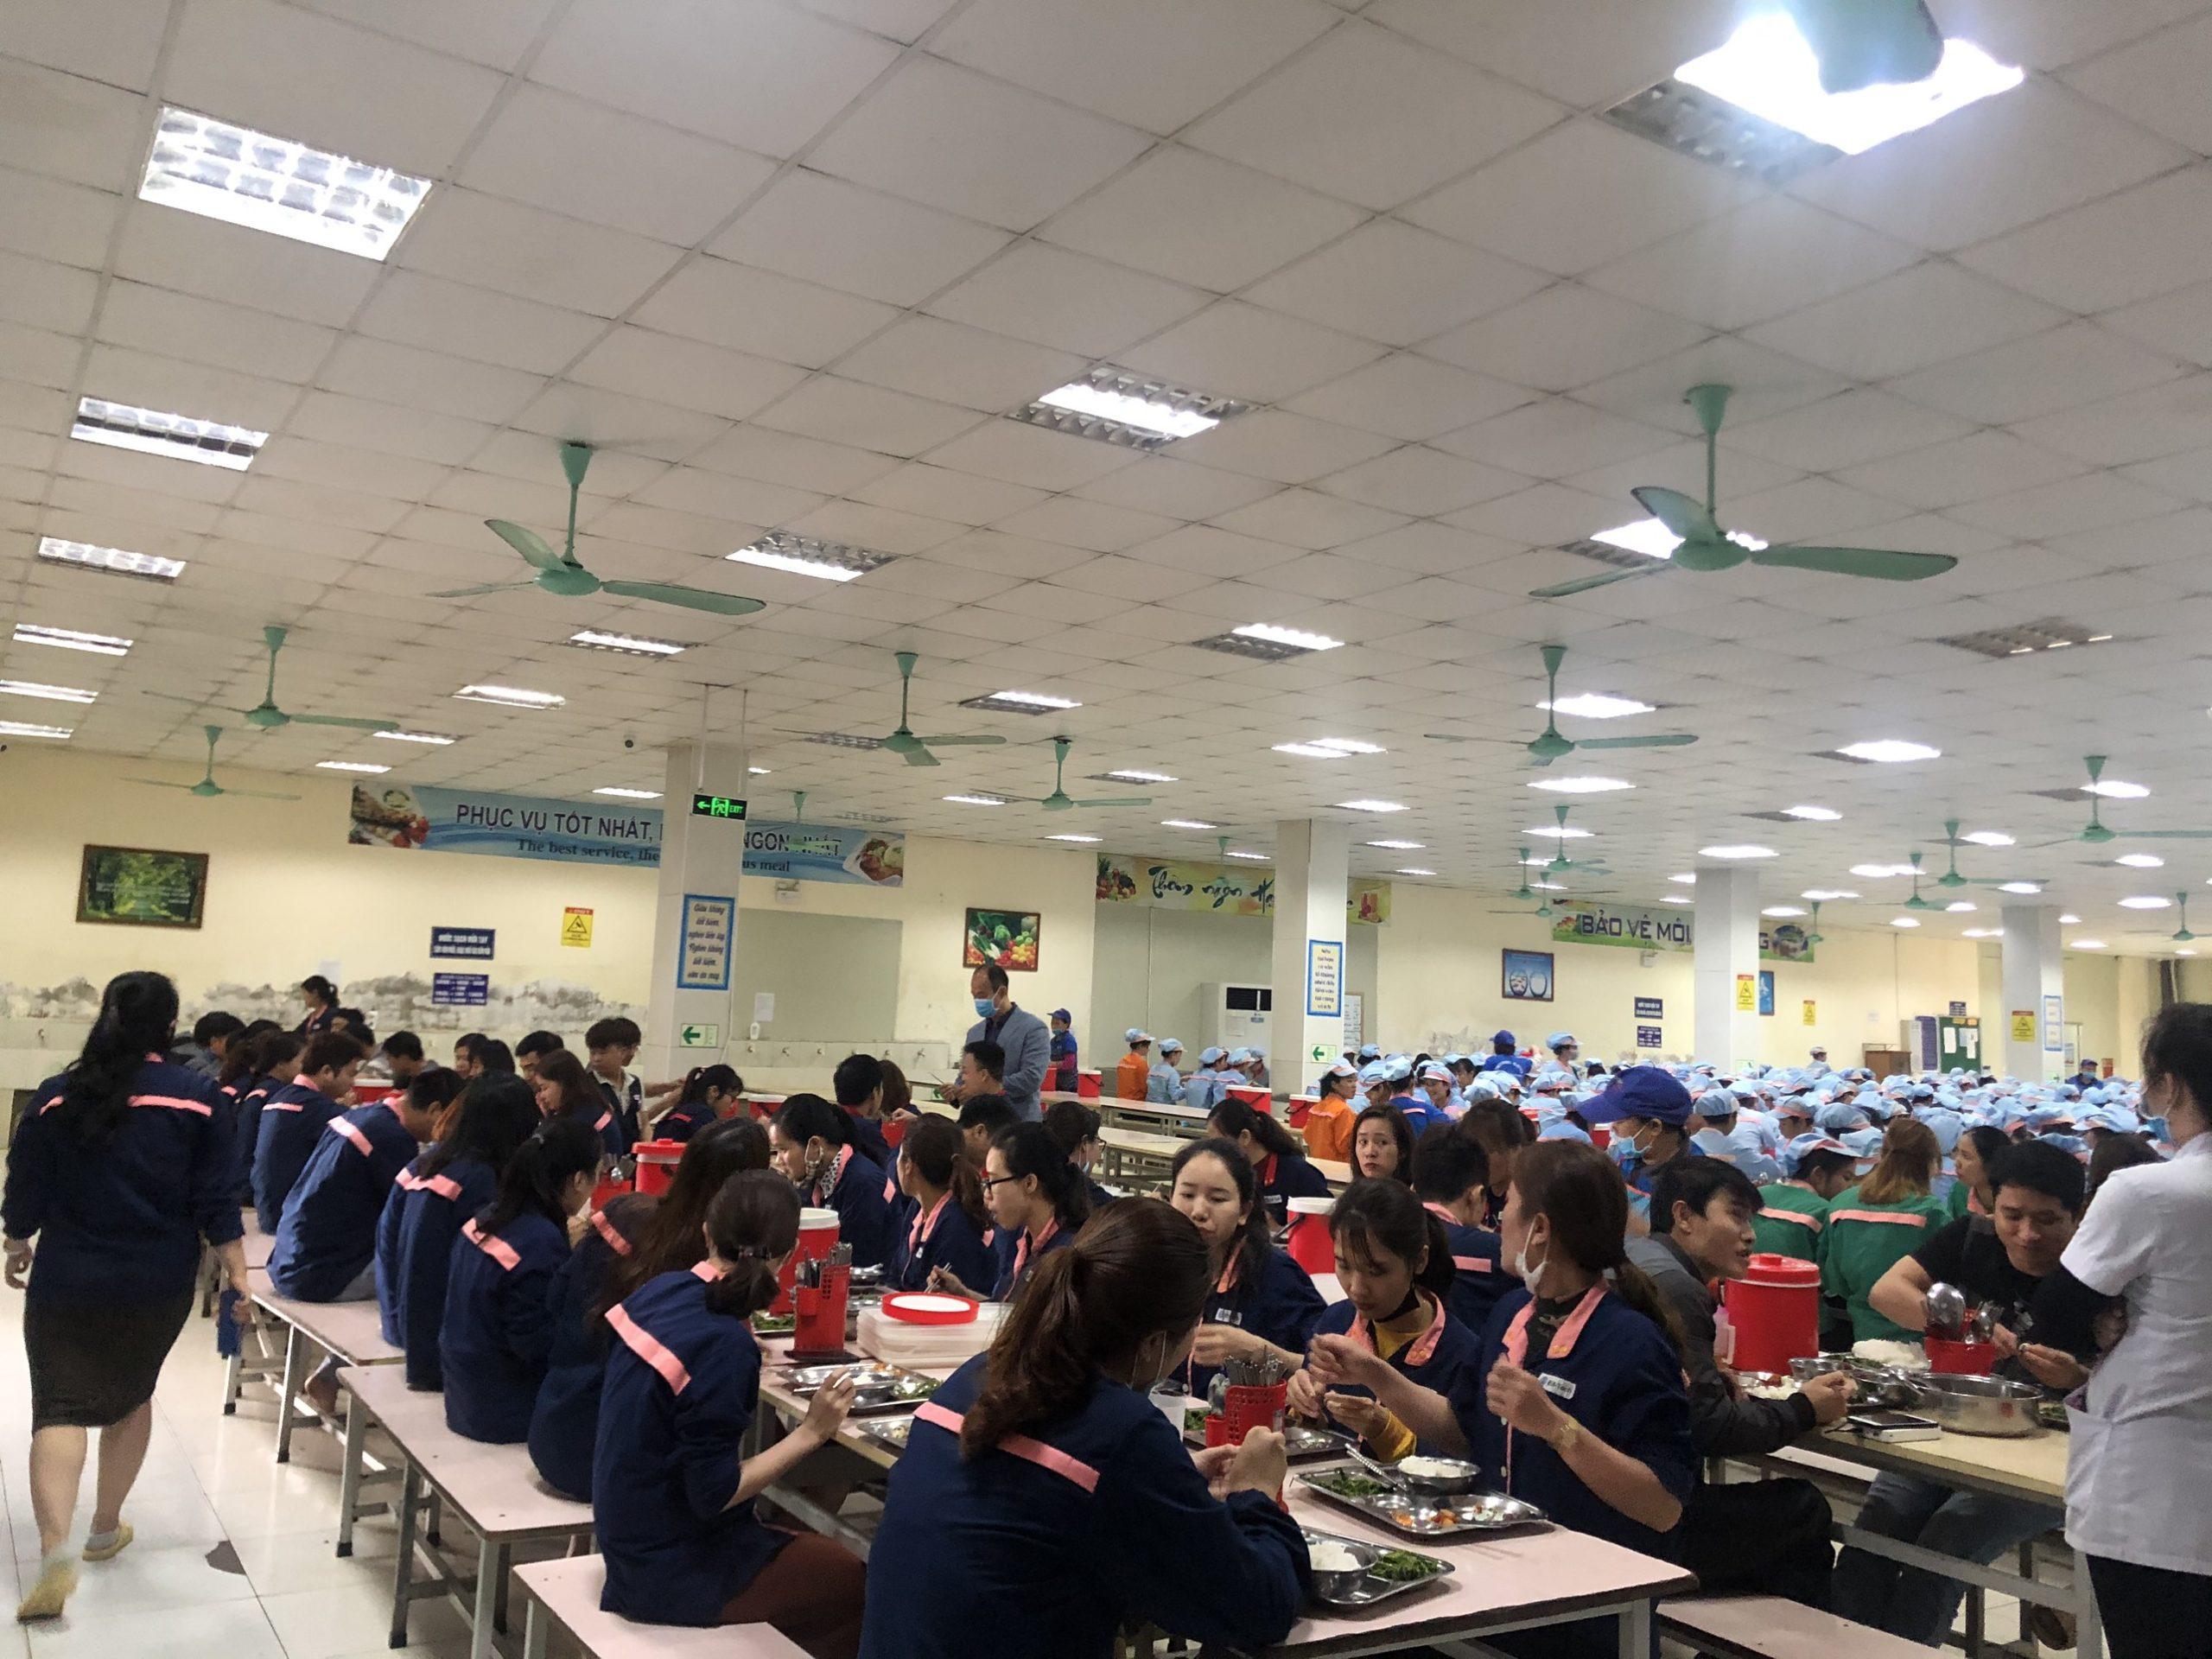 dịch vụ cung cấp suất ăn công nghiệp tại Hải PHòng